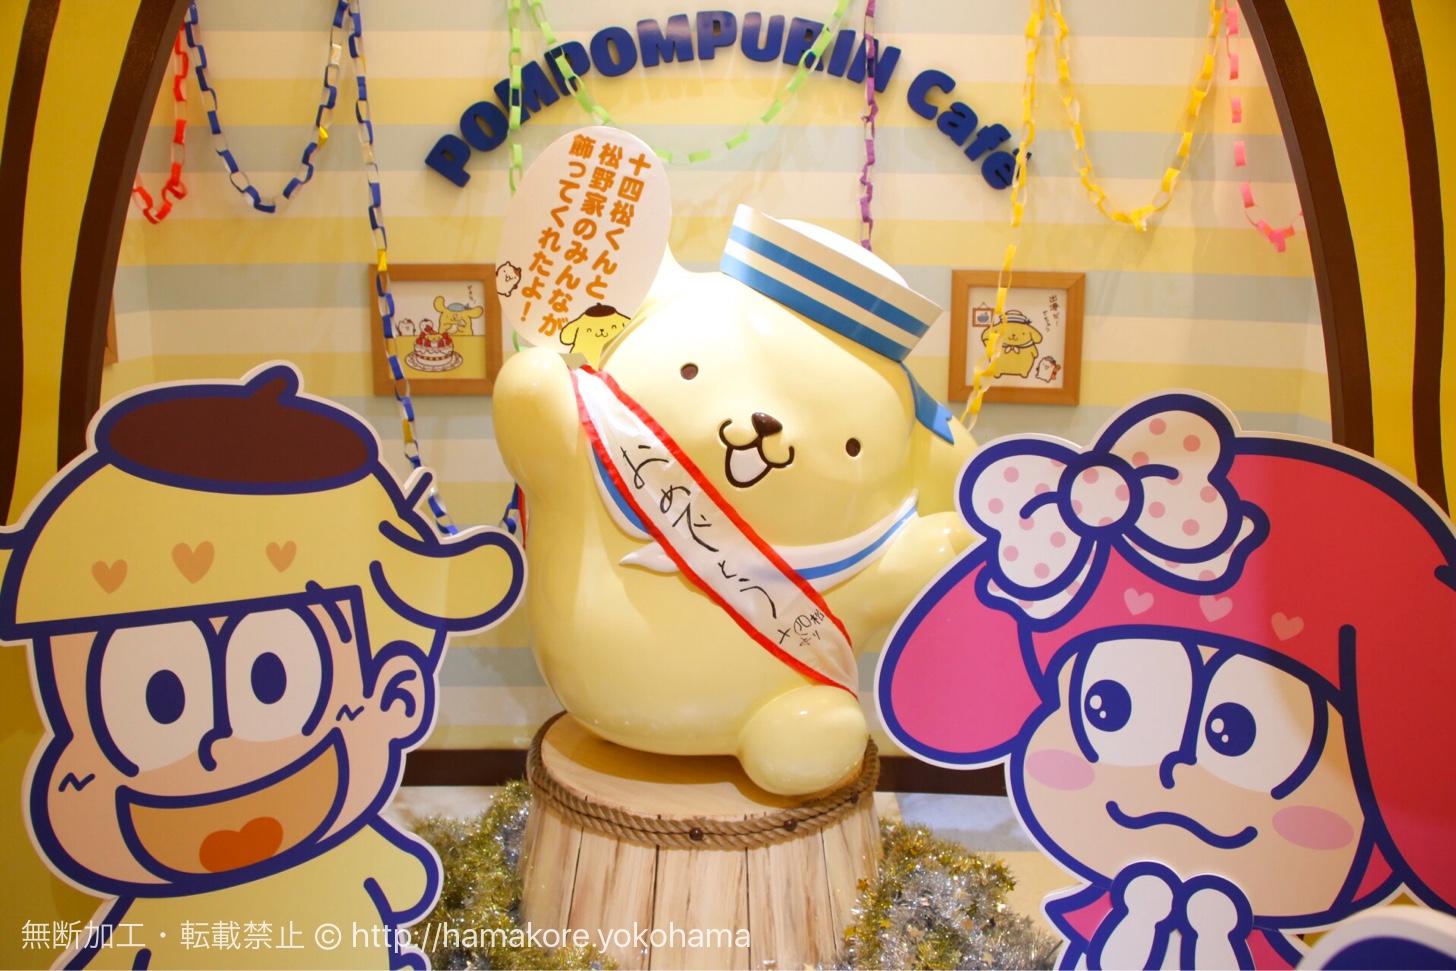 ポムポムプリンカフェ×おそ松さん コラボの店内の様子